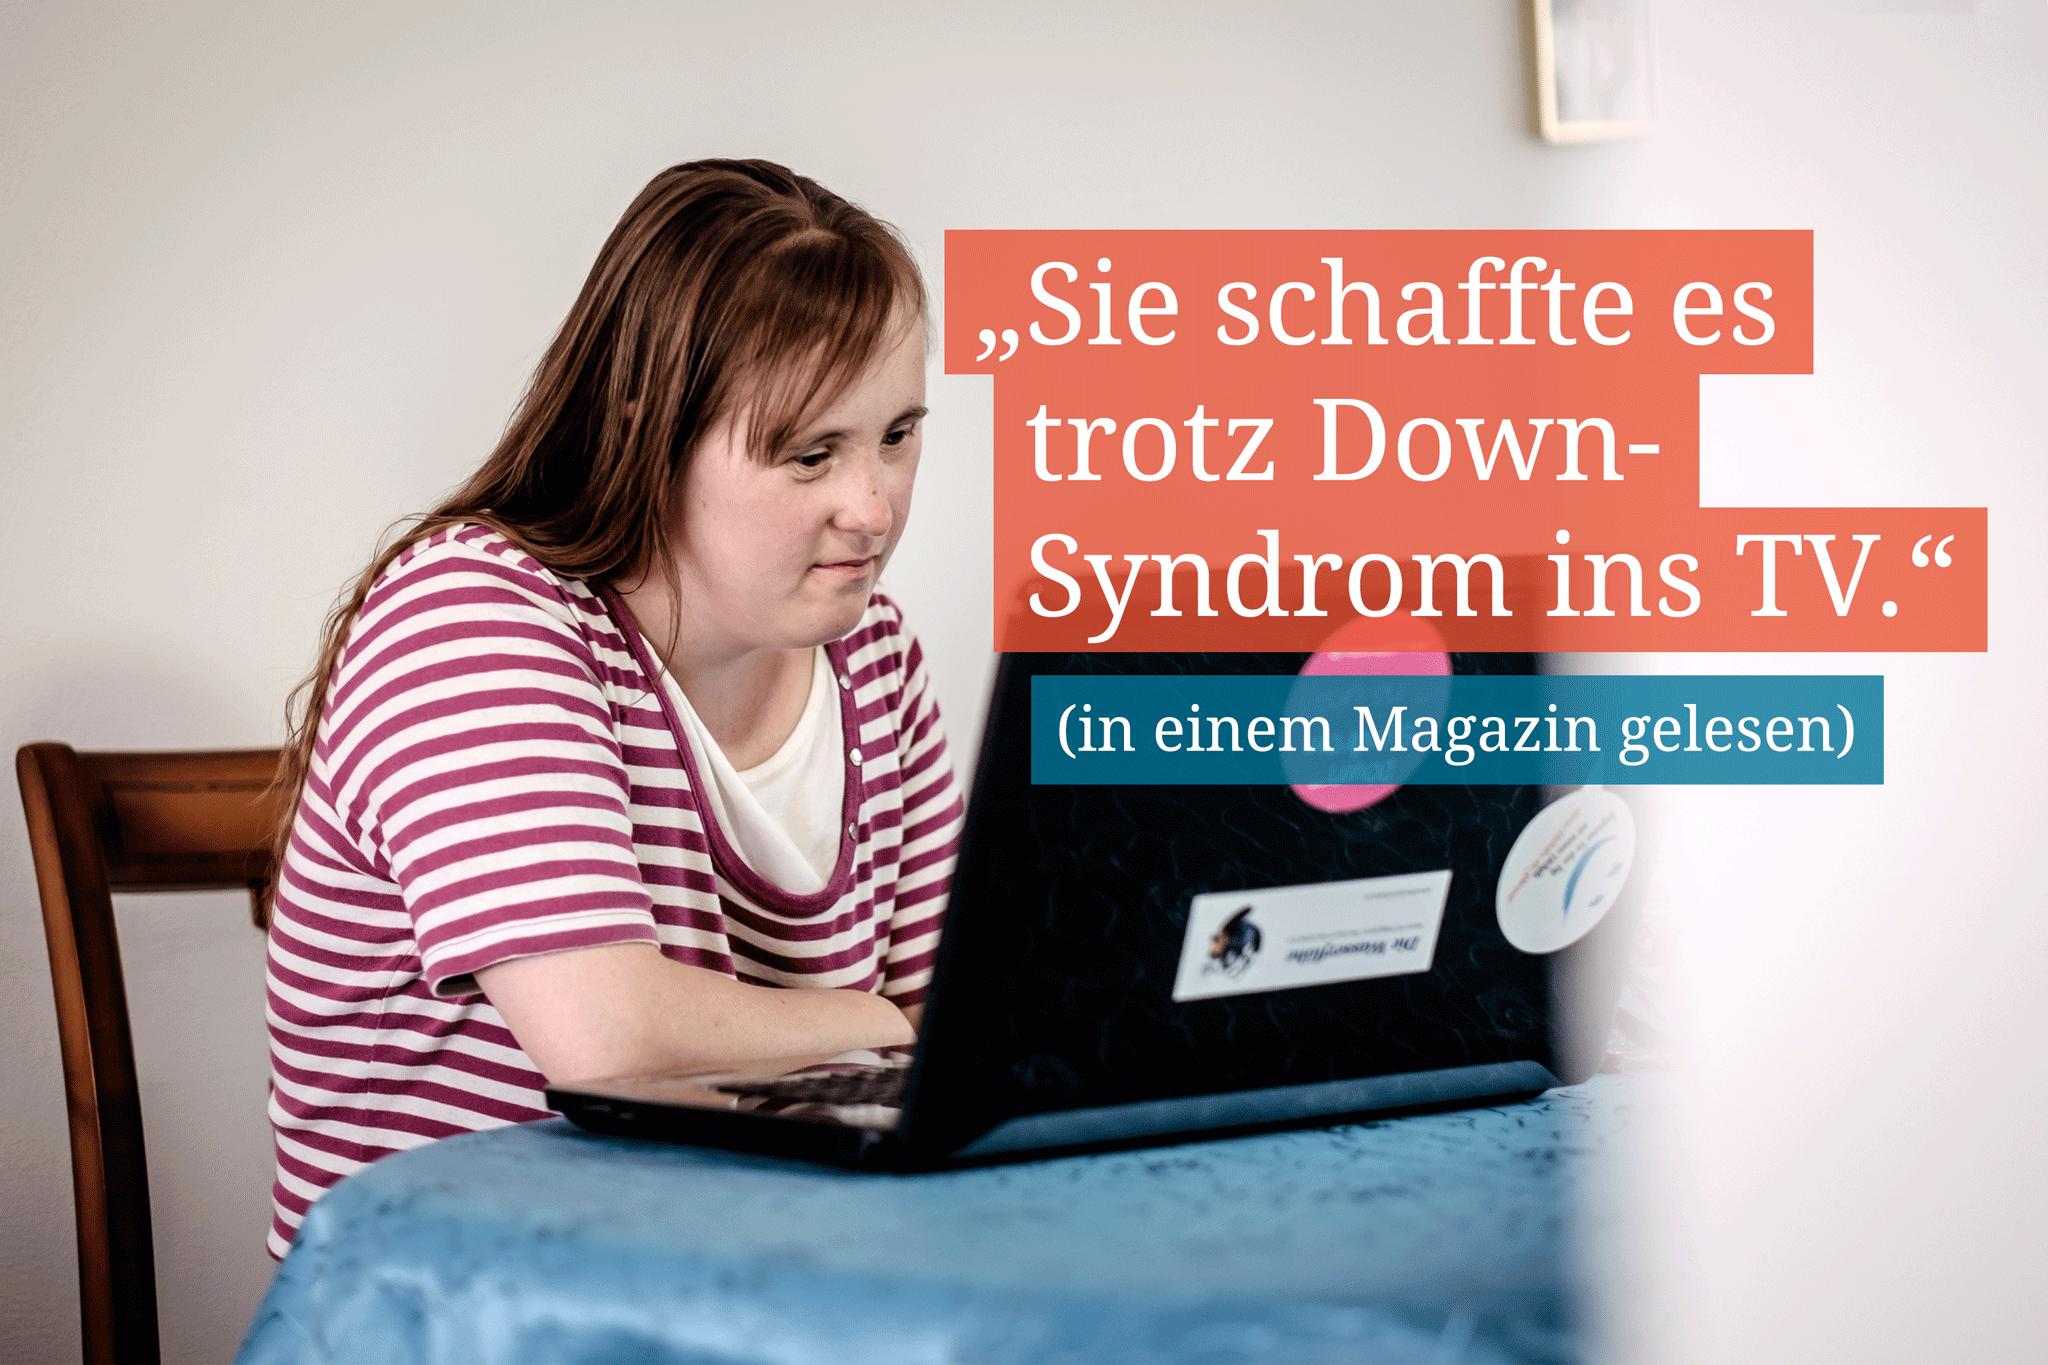 """Eine Frau sitzt vor dem Laptop und daneben steht der Text: """"Sie schaffte es trotz Down-Syndrom ins TV"""""""